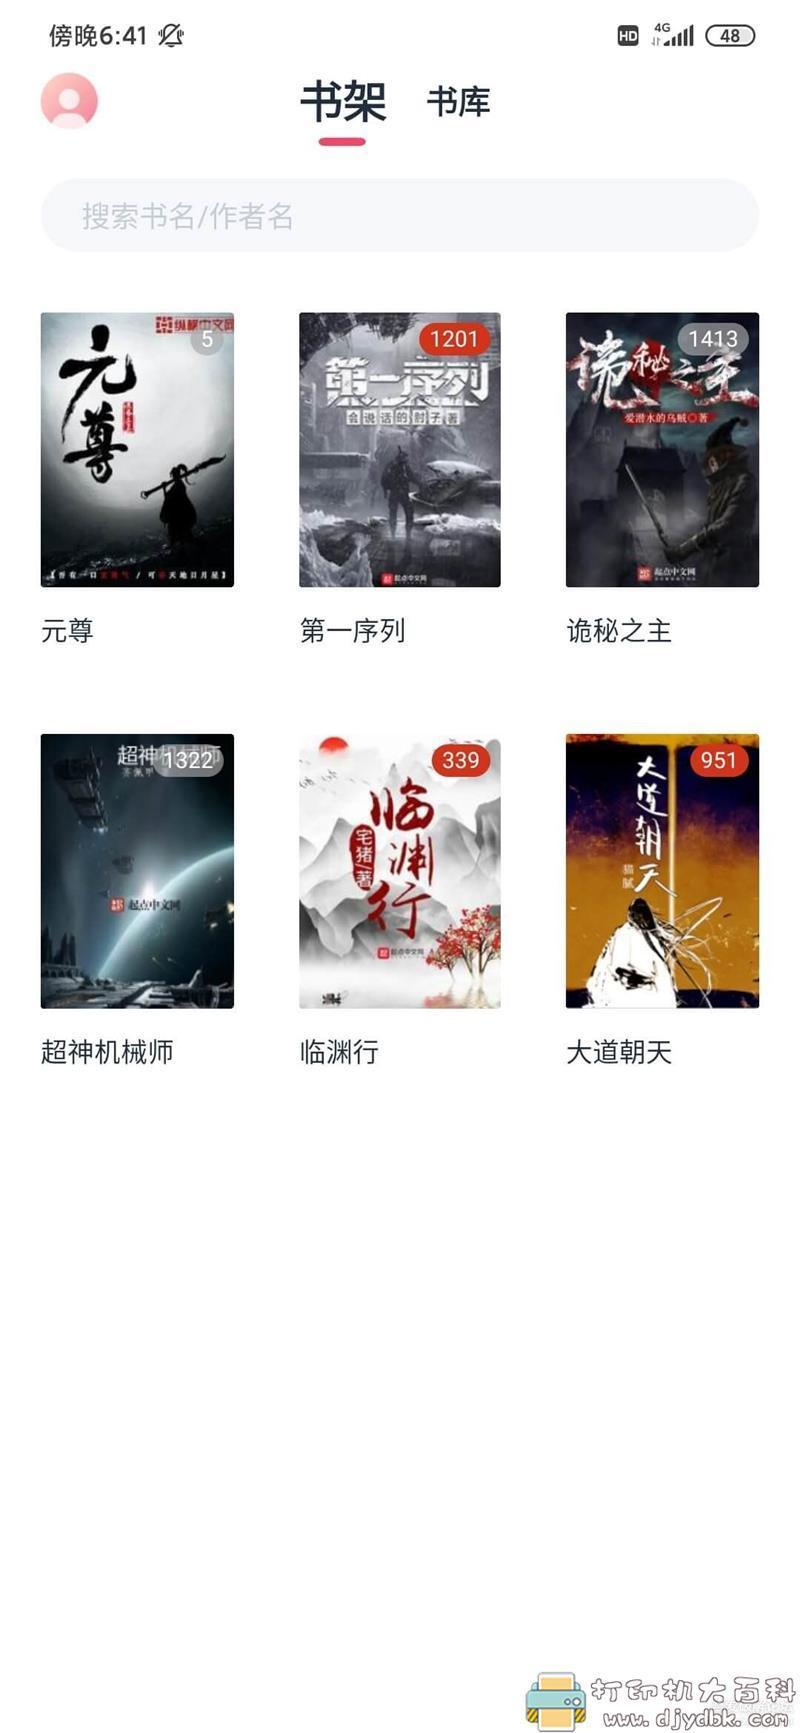 [Android]极简小说阅读app 【荔枝阅读】v1.1.3版本,书源全无广告 配图 No.2